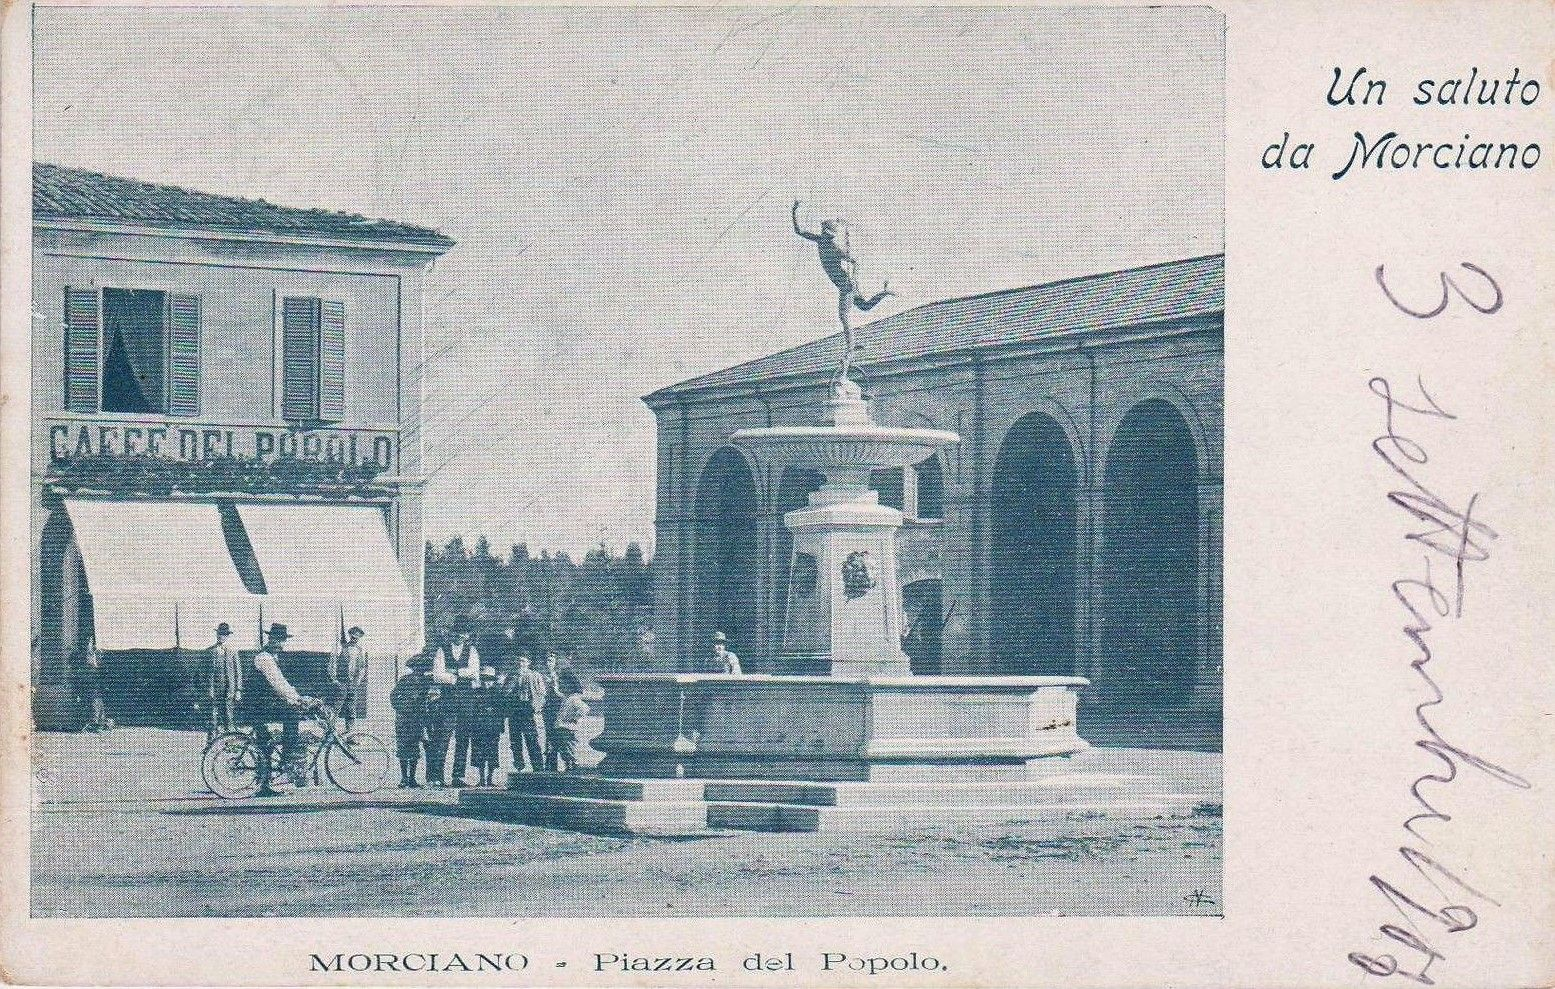 1906 Morciano - Piazza del Popolo Caffè del Popolo